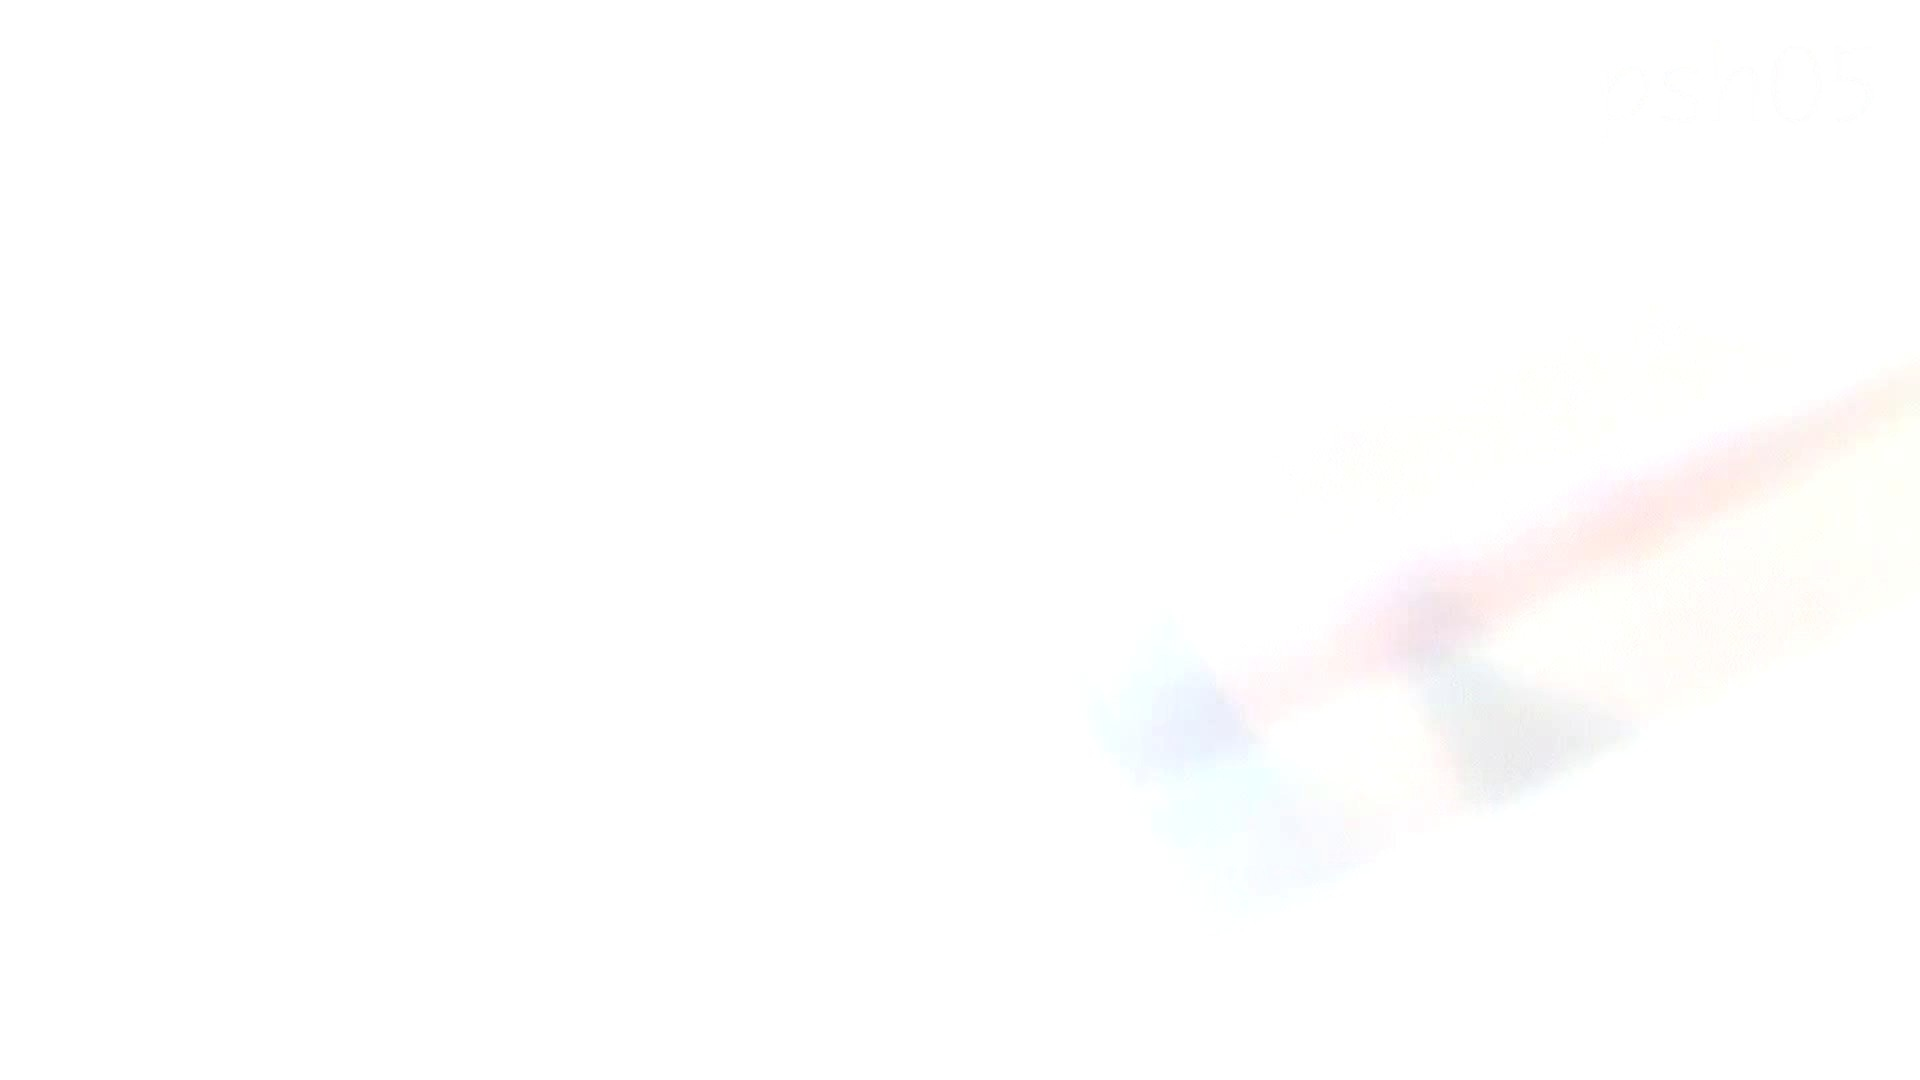 ▲復活限定▲ハイビジョン 盗神伝 Vol.5 洗面所のぞき オメコ無修正動画無料 111枚 88